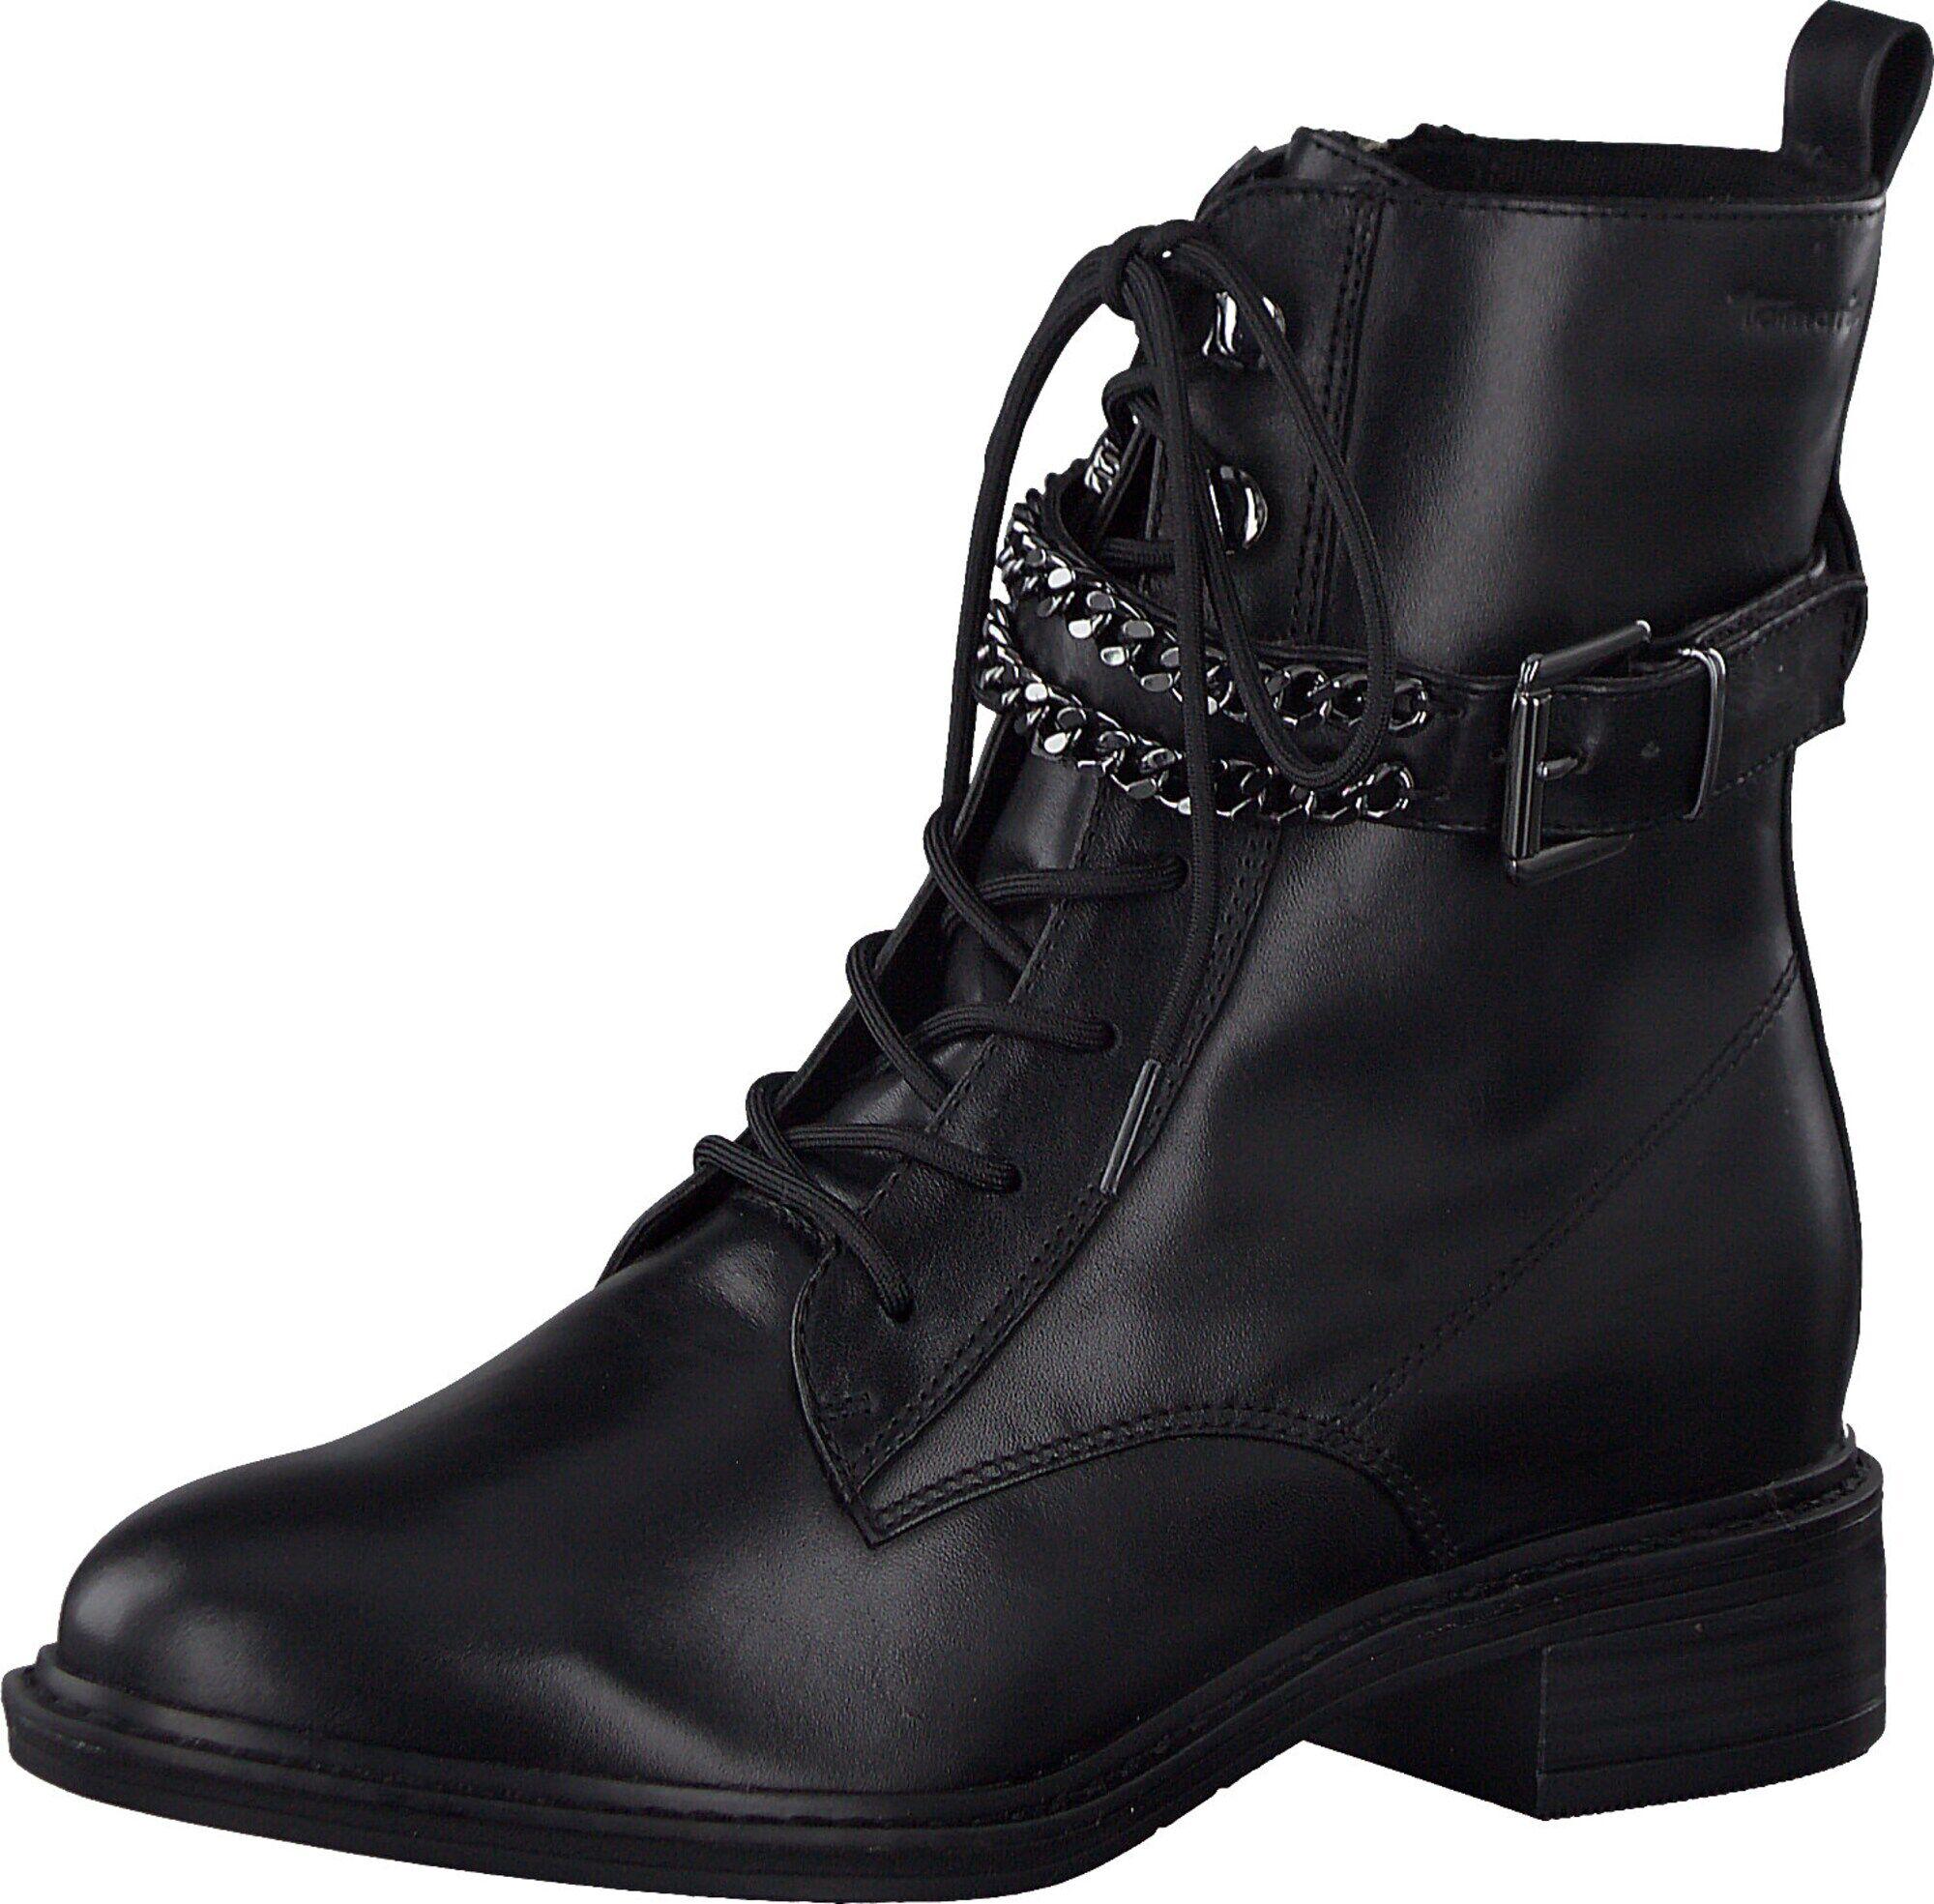 TAMARIS Boots  - Noir - Taille: 38 - female